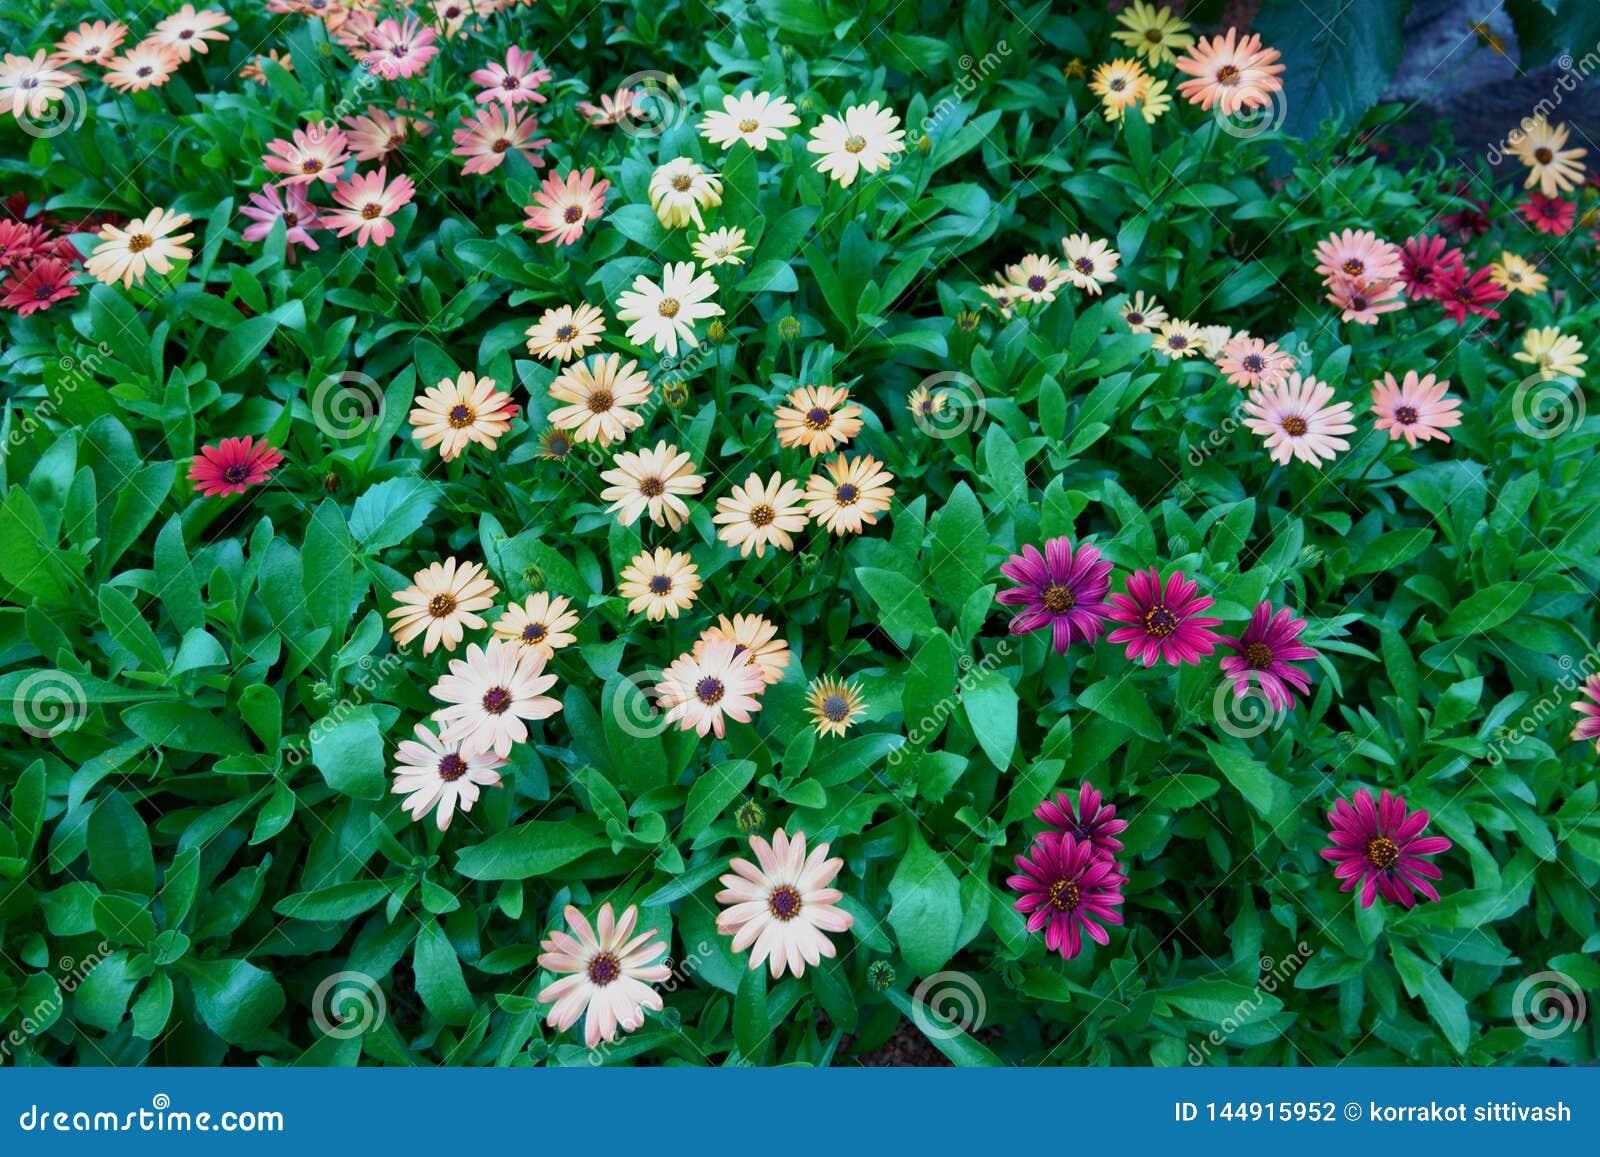 Ανθίζοντας λουλούδια και δέντρο στο θόλο λουλουδιών στους κήπους από